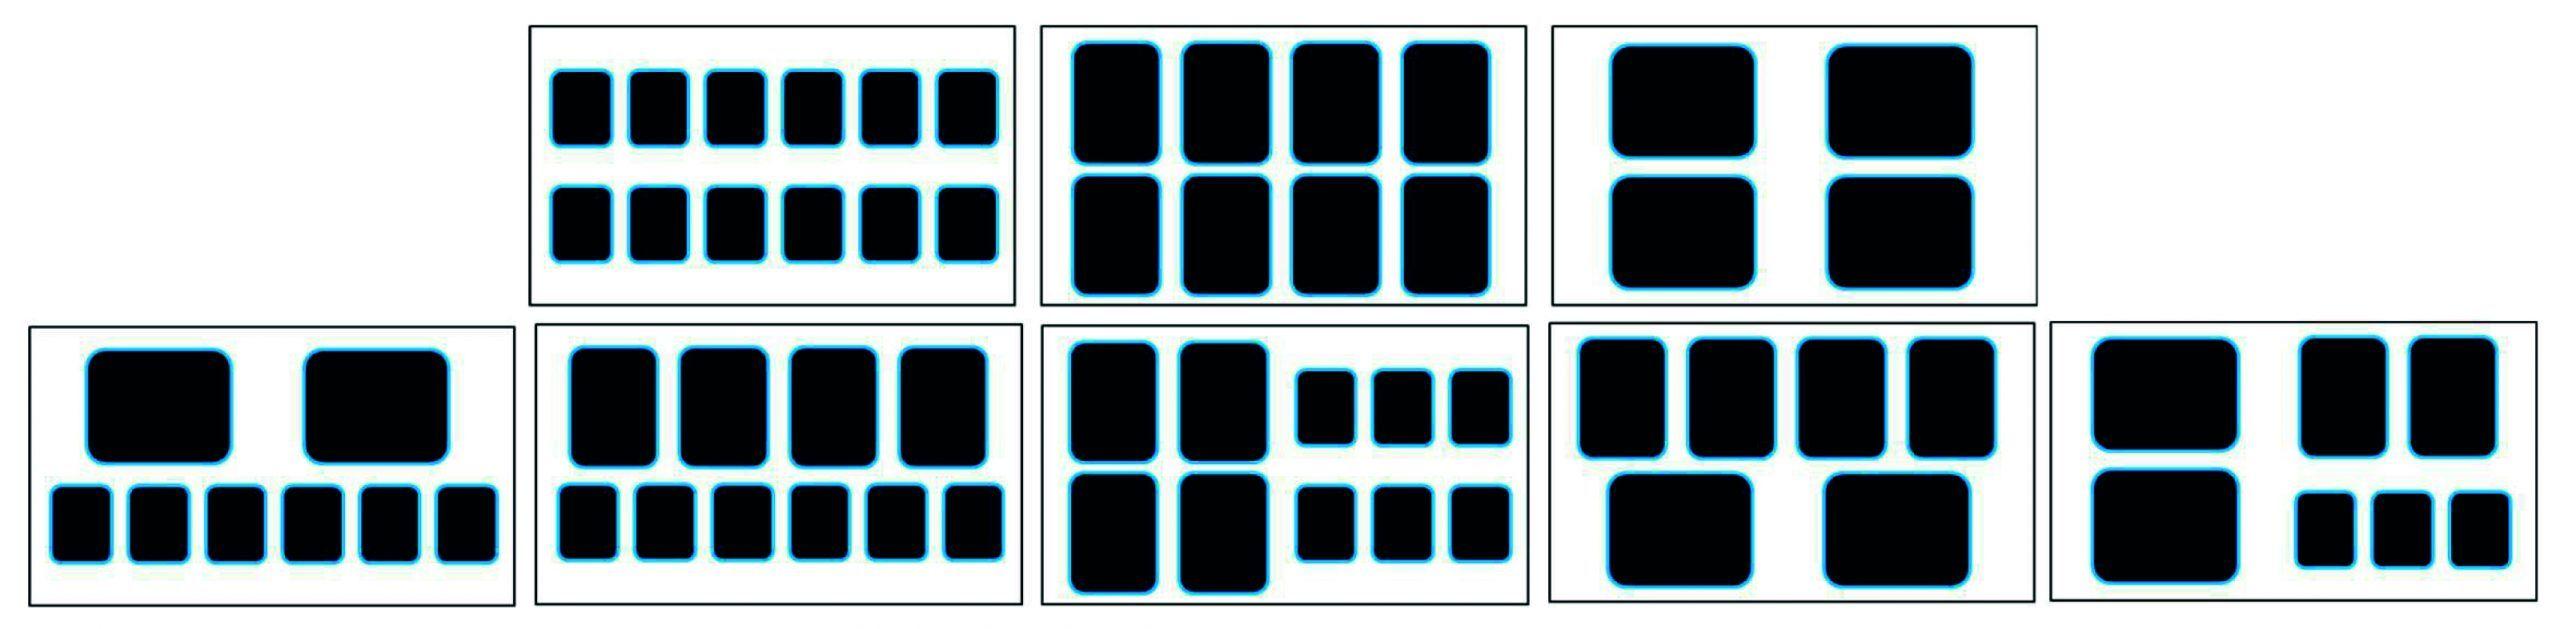 Configuraciones de platos Roland XT-640S